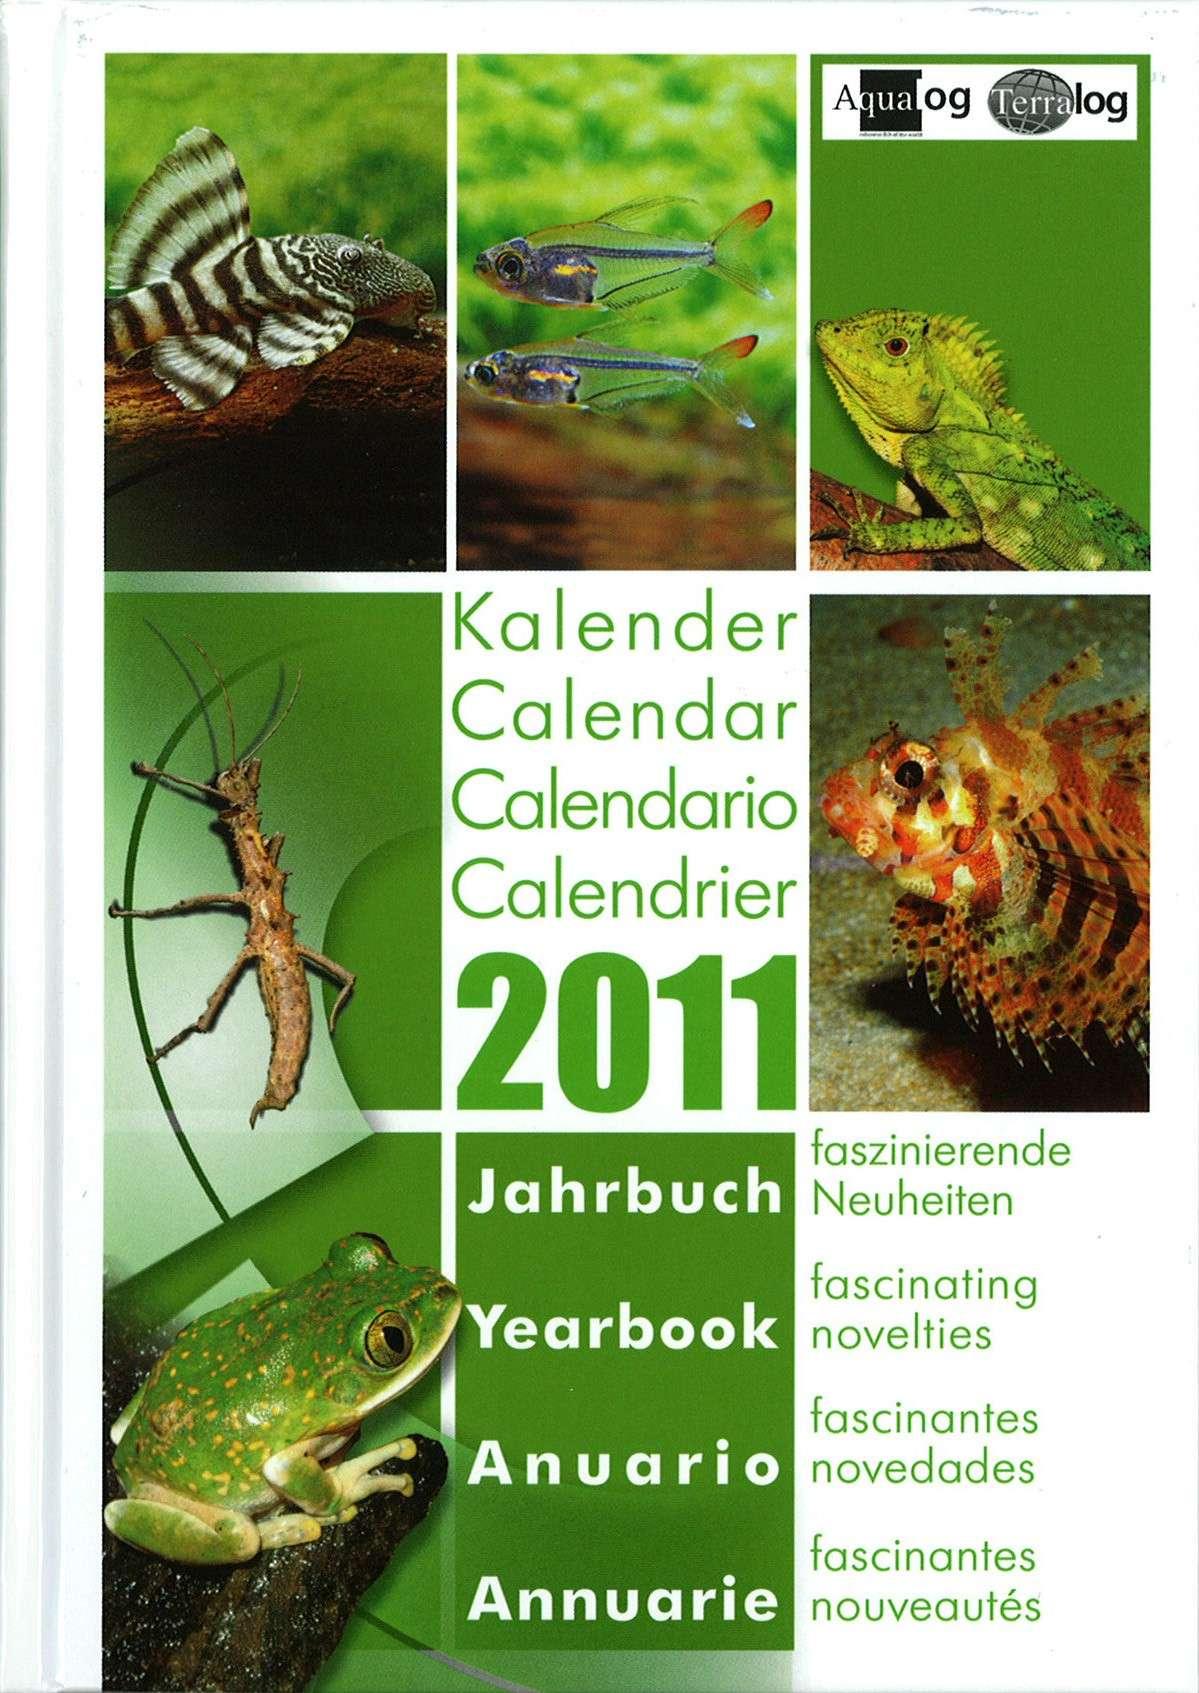 Agenda Aqualog 2011